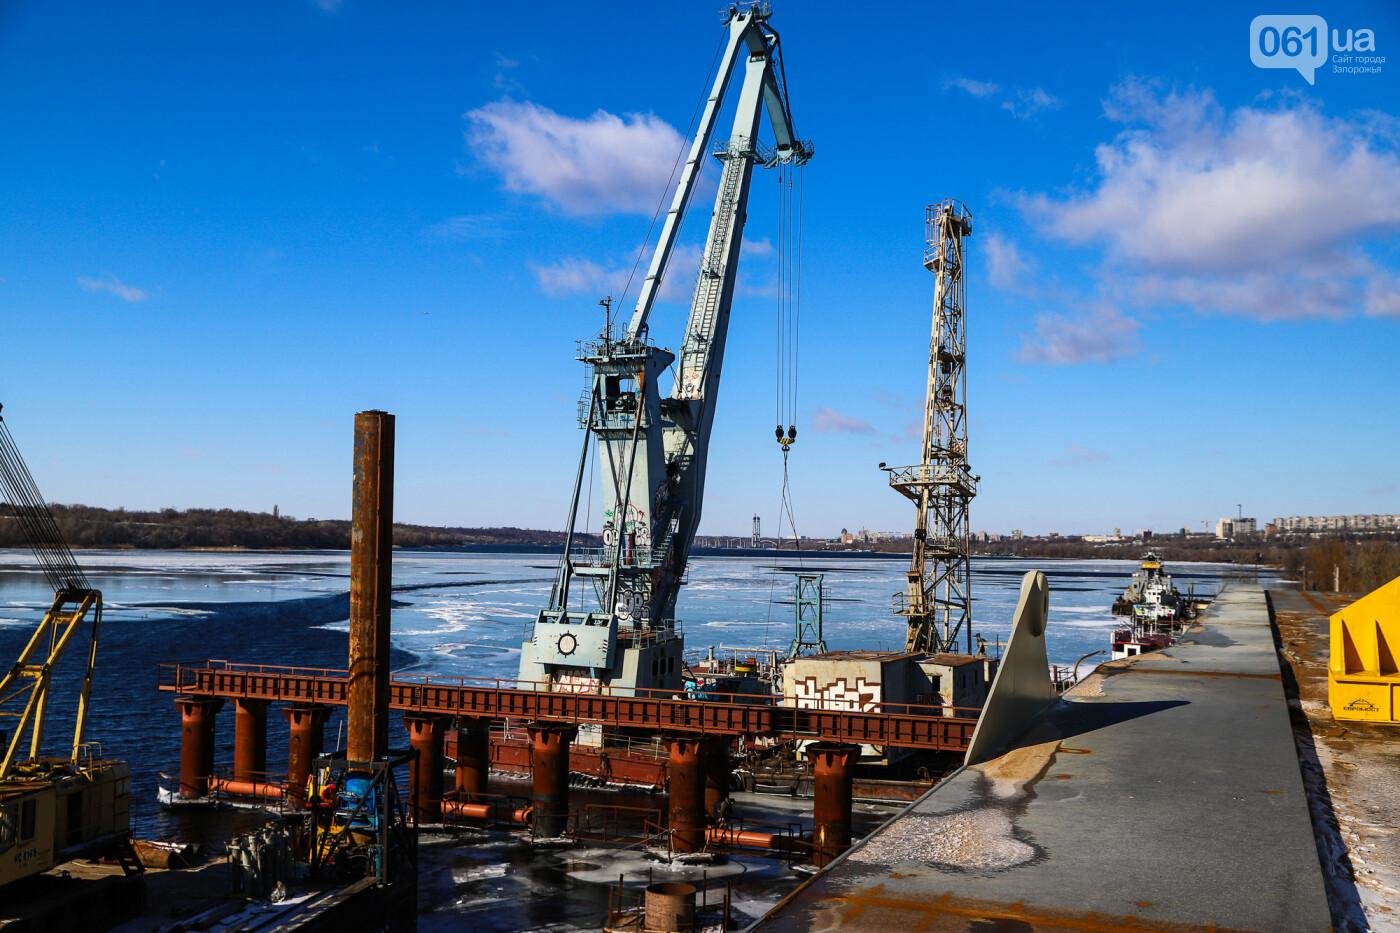 Кран с иностранной пропиской, ванты и металл: строительство запорожских мостов в фотографиях, фото-22